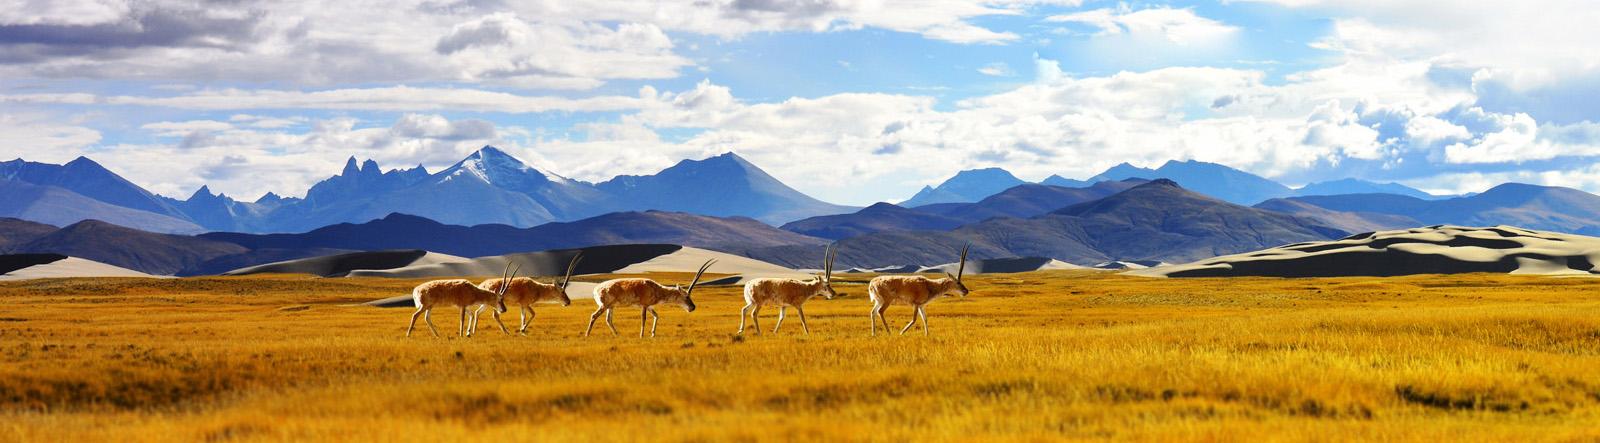 Tibet Group Tour,Mount Kailash Tour